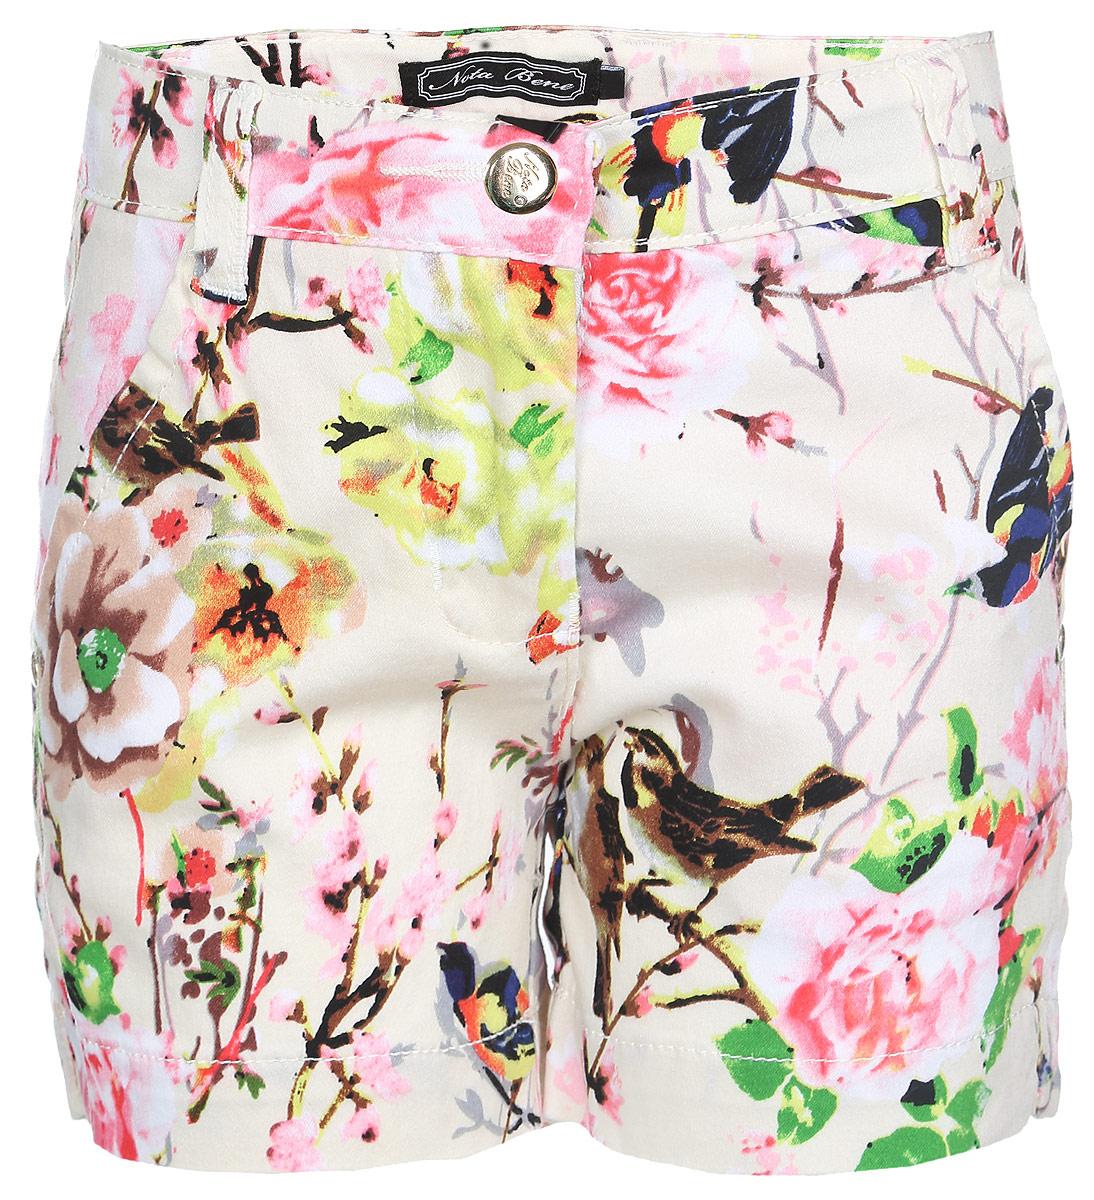 Шорты для девочки Nota Bene, цвет: бежевый, розовый, коричневый. SS161G421-5. Размер 104SS161G421-5Стильные шорты для девочки Nota Bene идеально подойдут юной моднице для отдыха и прогулок. Изготовленные из мягкого эластичного материала, они тактильно приятные, имеют комфортную длину и удобную посадку на фигуре.Модель на талии застегивается на металлическую пуговицу и имеет ширинку на застежке-молнии, а также шлевки для ремня. С внутренней стороны пояс регулируется скрытой резинкой на пуговицах. Спереди расположены два втачных кармана, сзади - два прорезных. Изделие оформлено принтом с изображением цветов и птиц, декорировано нашивкой и металлическими клепками с названием бренда.Современный дизайн и расцветка делают эти шорты модным предметом детской одежды. Обладательница таких шорт всегда будет в центре внимания!